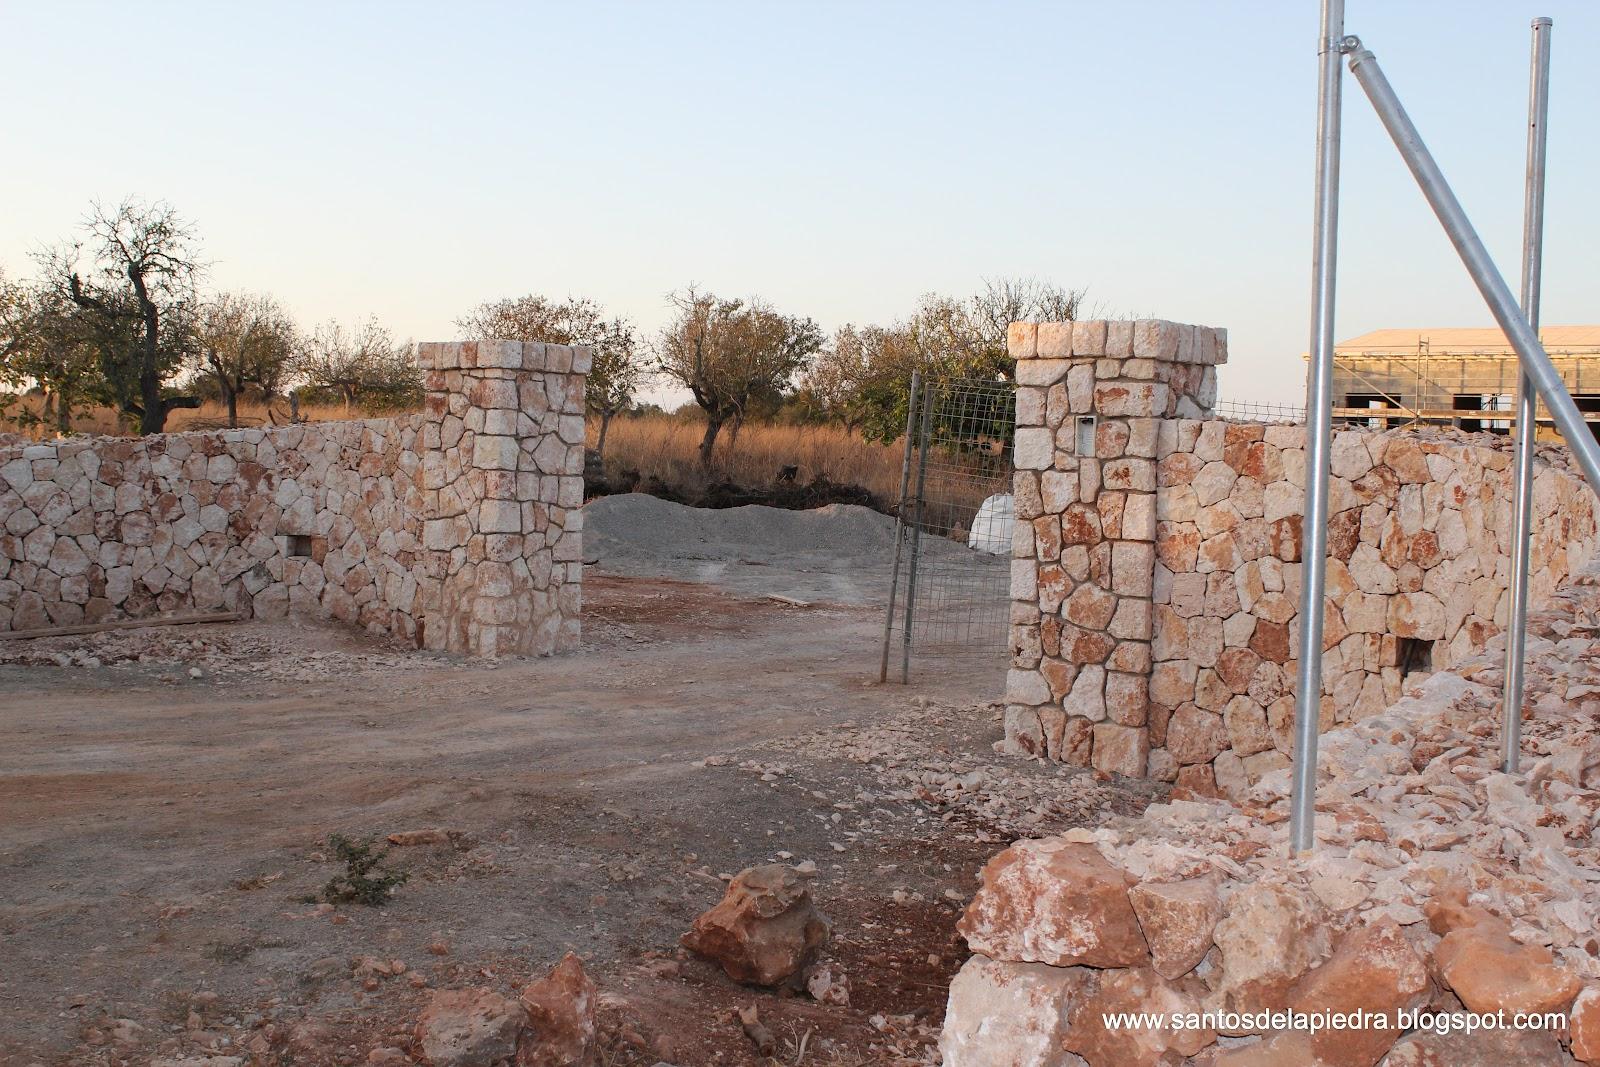 santos de la piedra entradas de piedra agosto 2011 s 39 illot